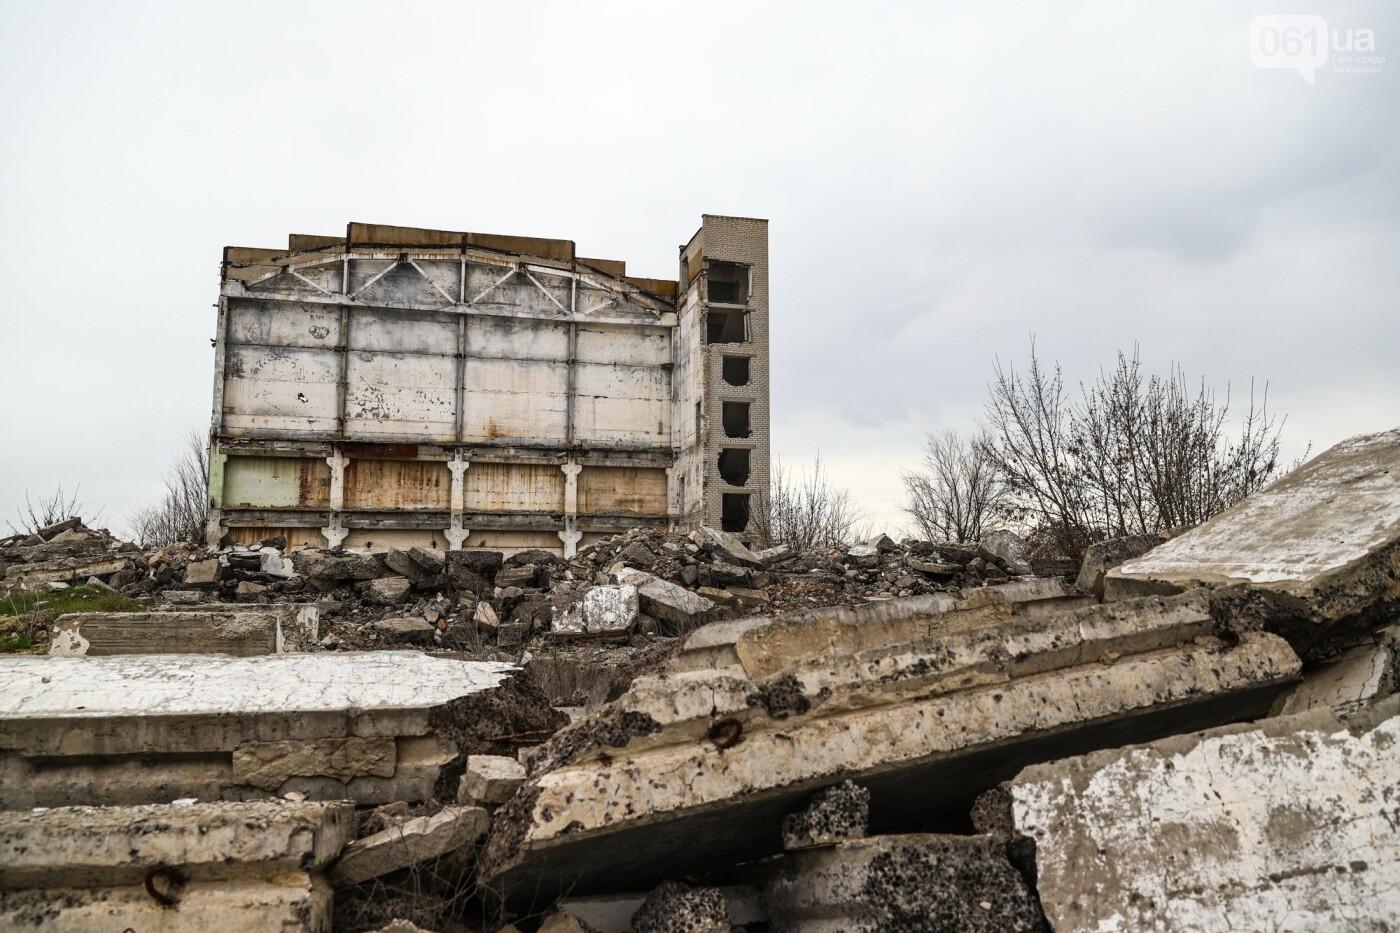 В Степногорске пытаются разобрать на металлолом шахту - промплощадка ГОКа превратилась в руины, - ФОТОРЕПОРТАЖ , фото-28